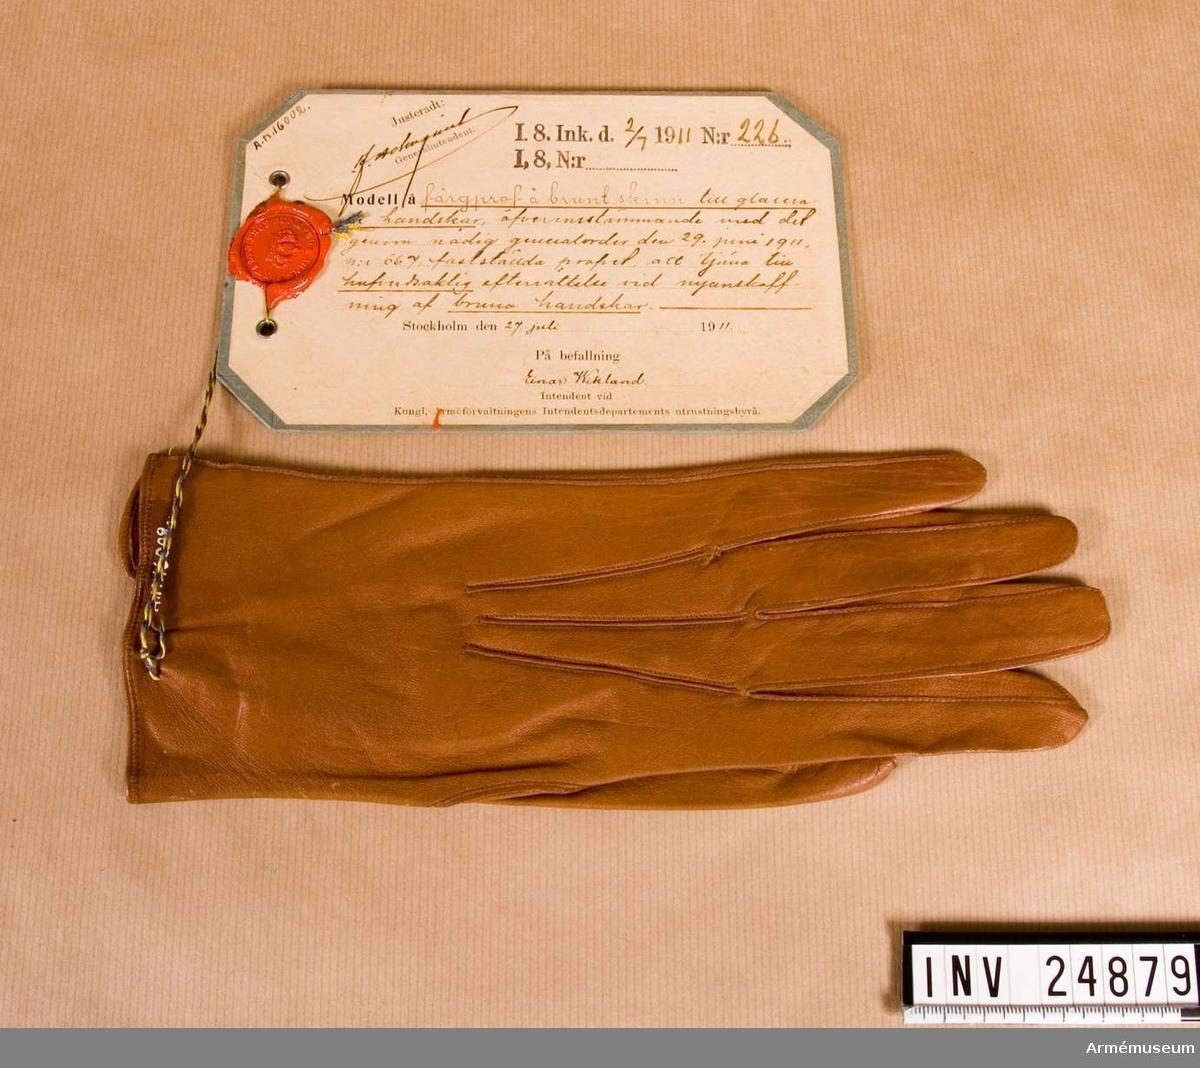 Grupp C I. Färgprov m/1911, I 8, Upplands infanterireg. Vänsterhandske till glacerade handskar att tjäna till huvudsaklig efterrättelse vid anskaffning av bruna handskar.